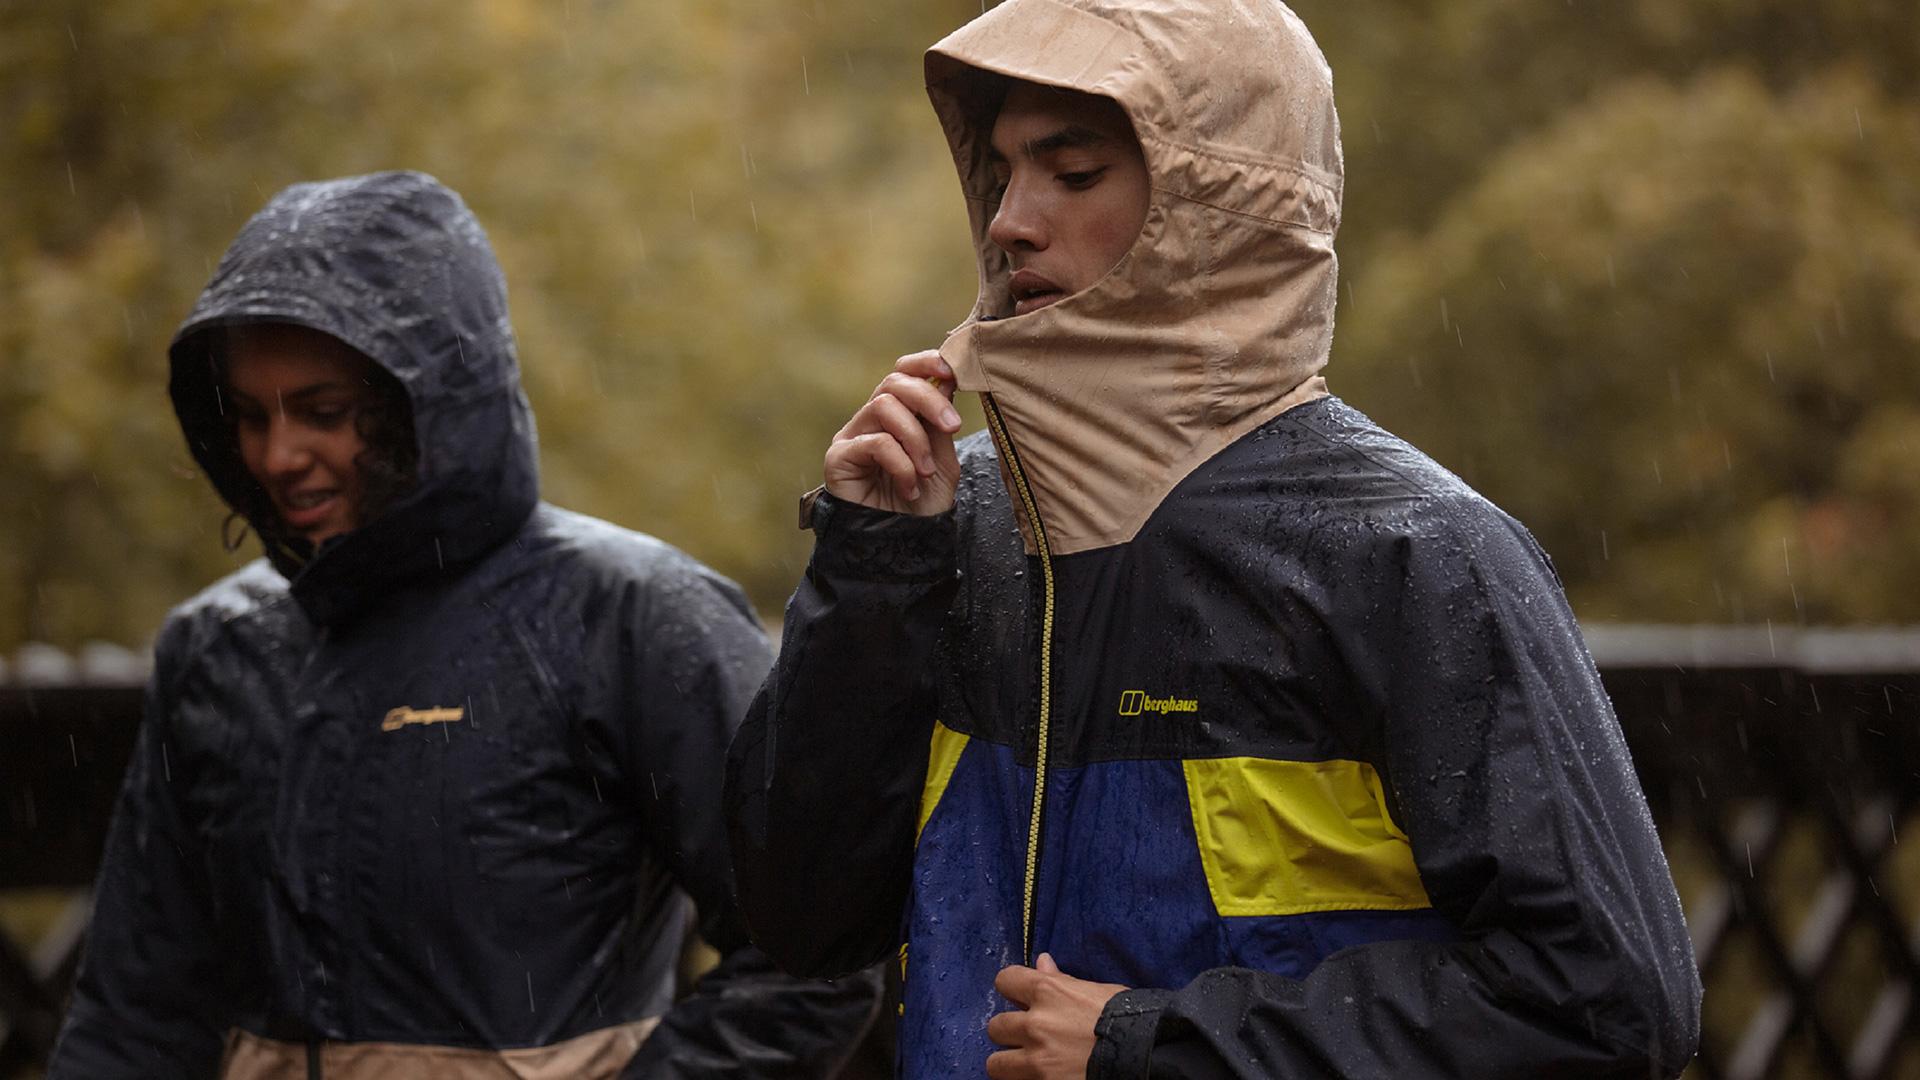 Best waterproof jackets 2020: Power